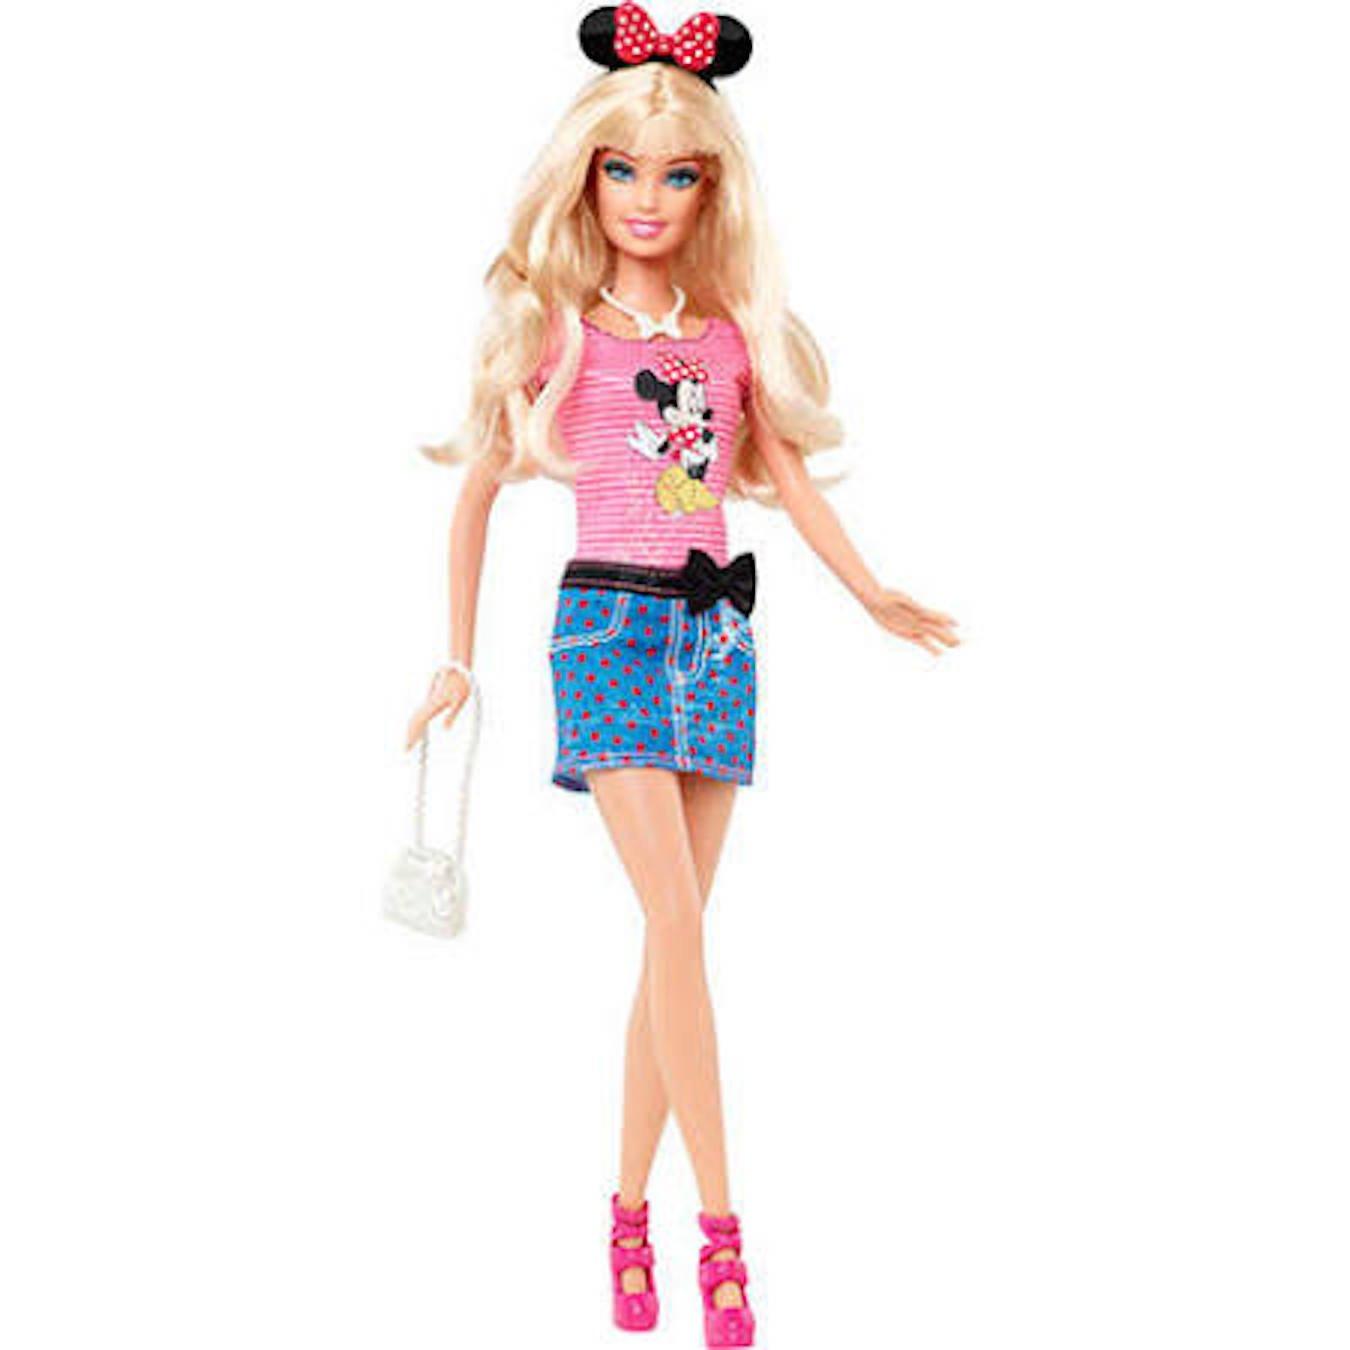 Barbie und Disney Minnie Mouse.Ein Tag in Disney World